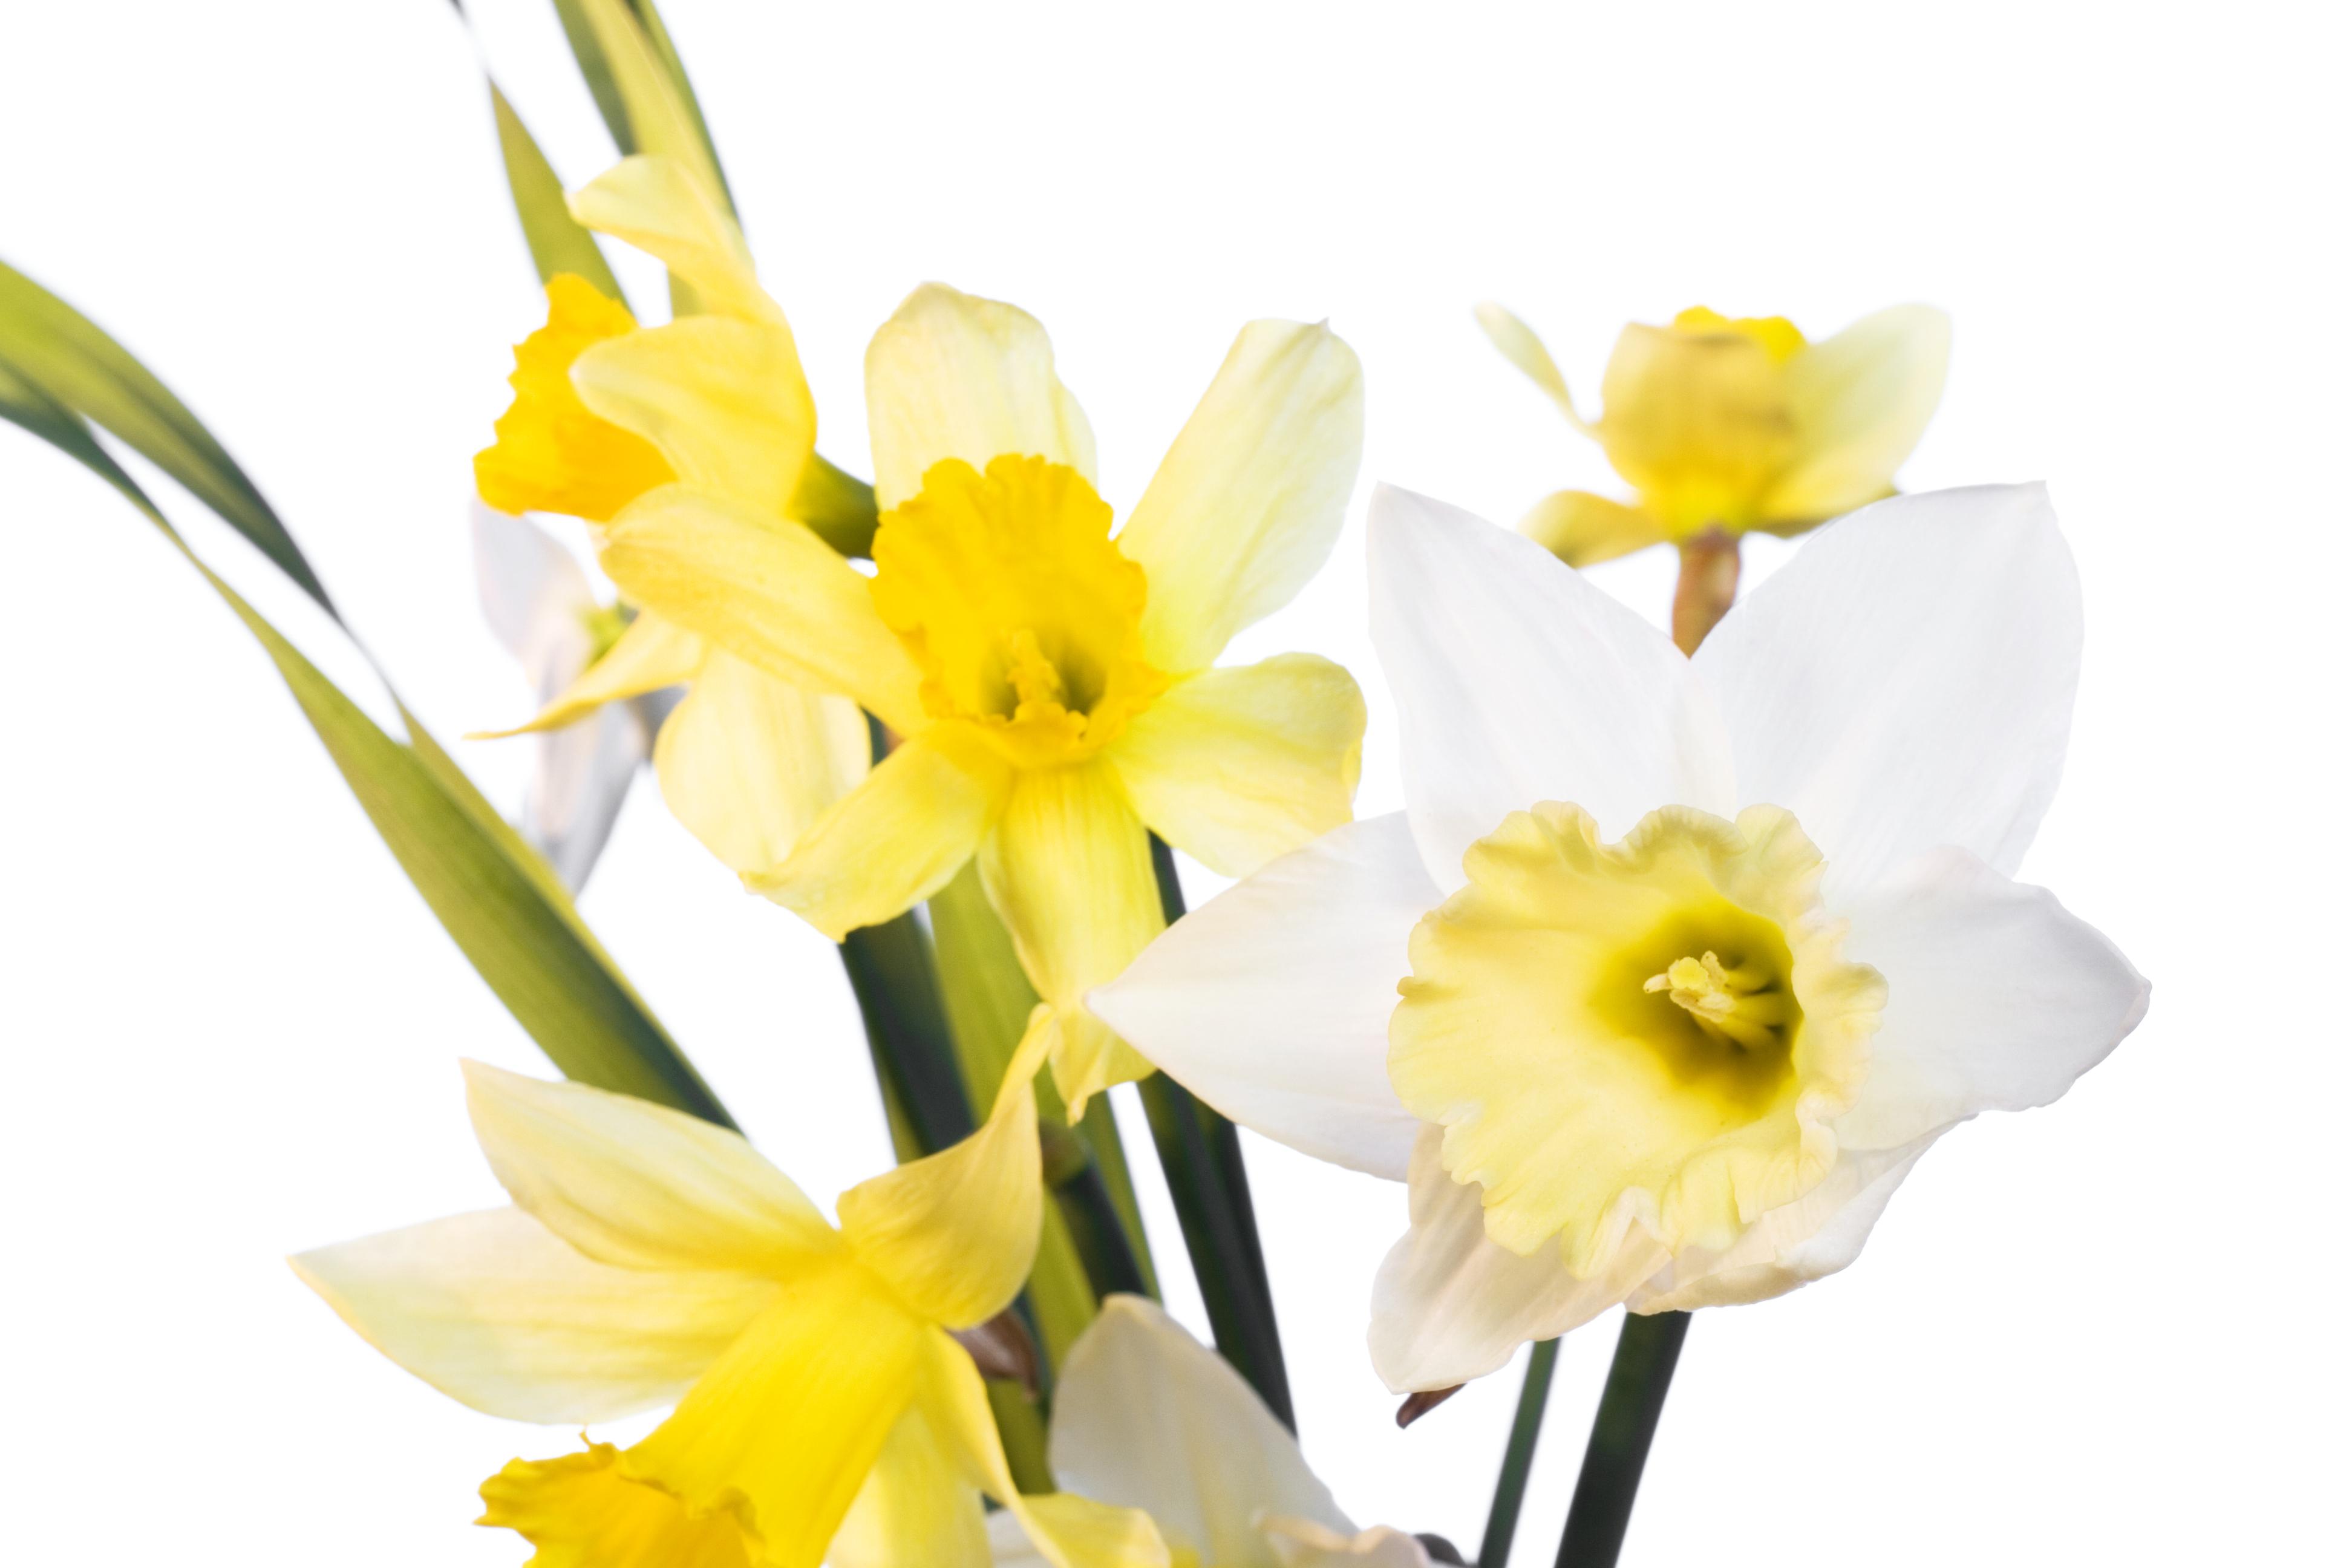 Flowers, Closeup, Detail, Flora, Floral, HQ Photo